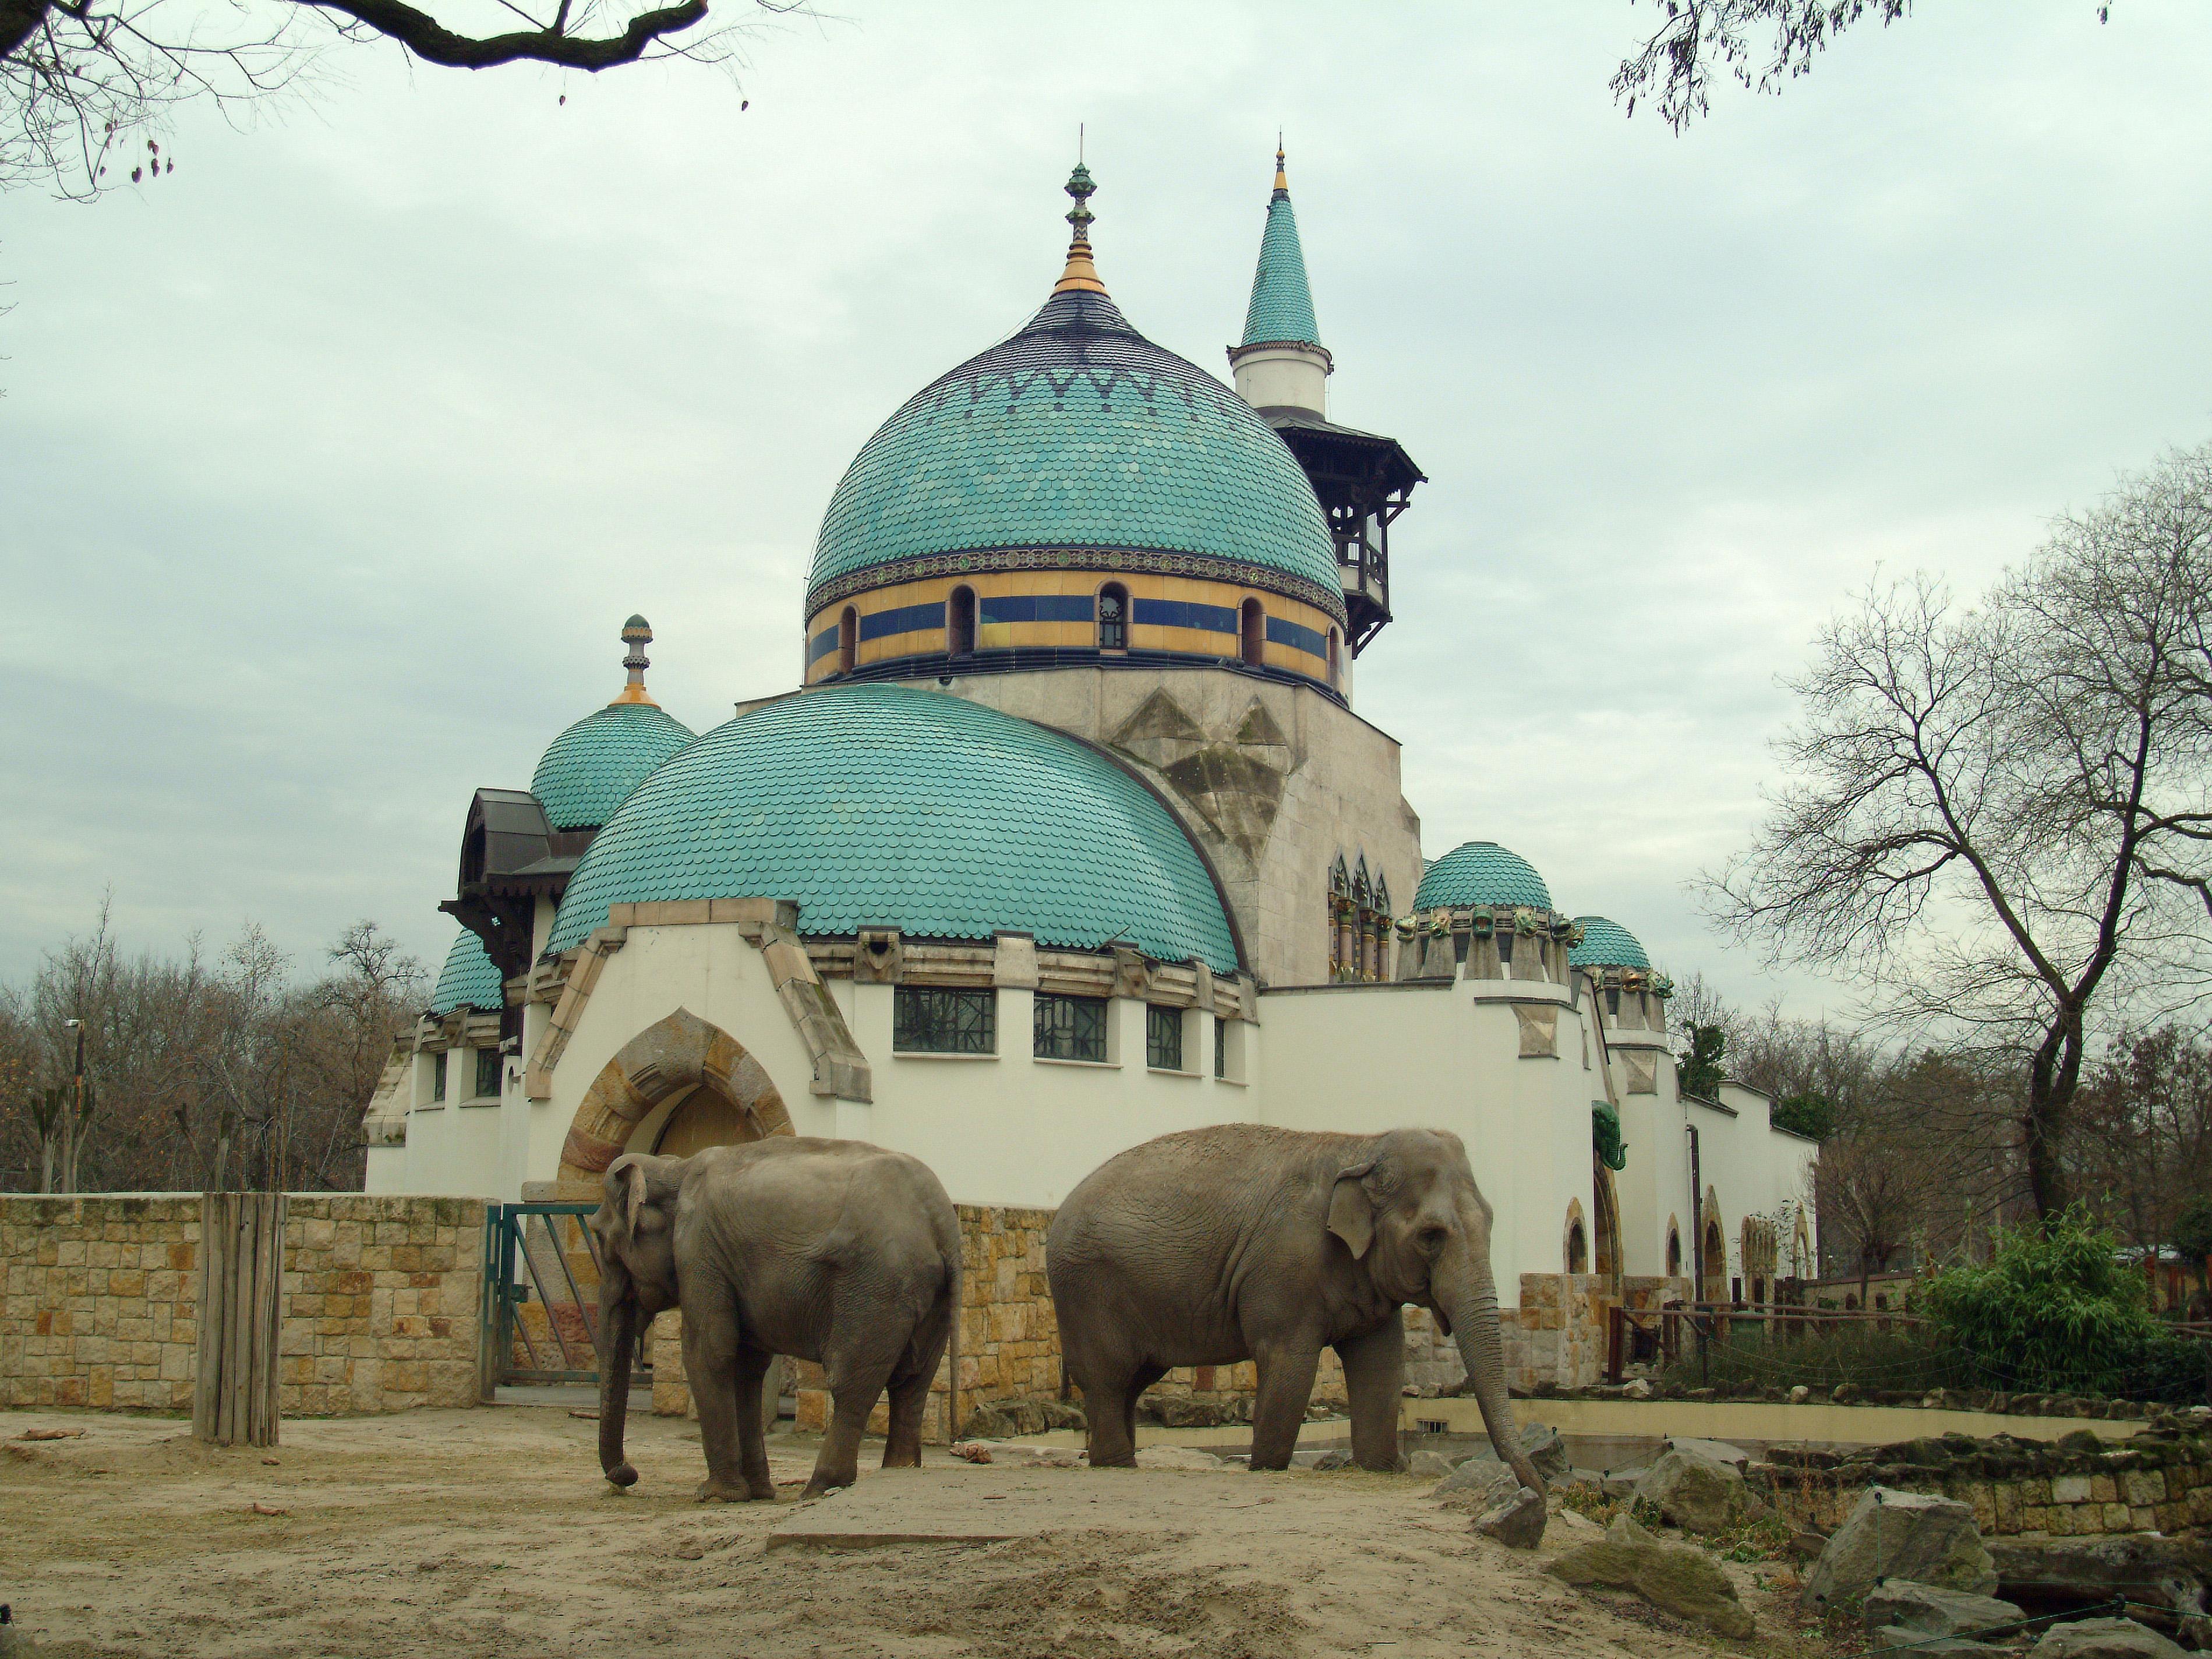 la maison des éléphants